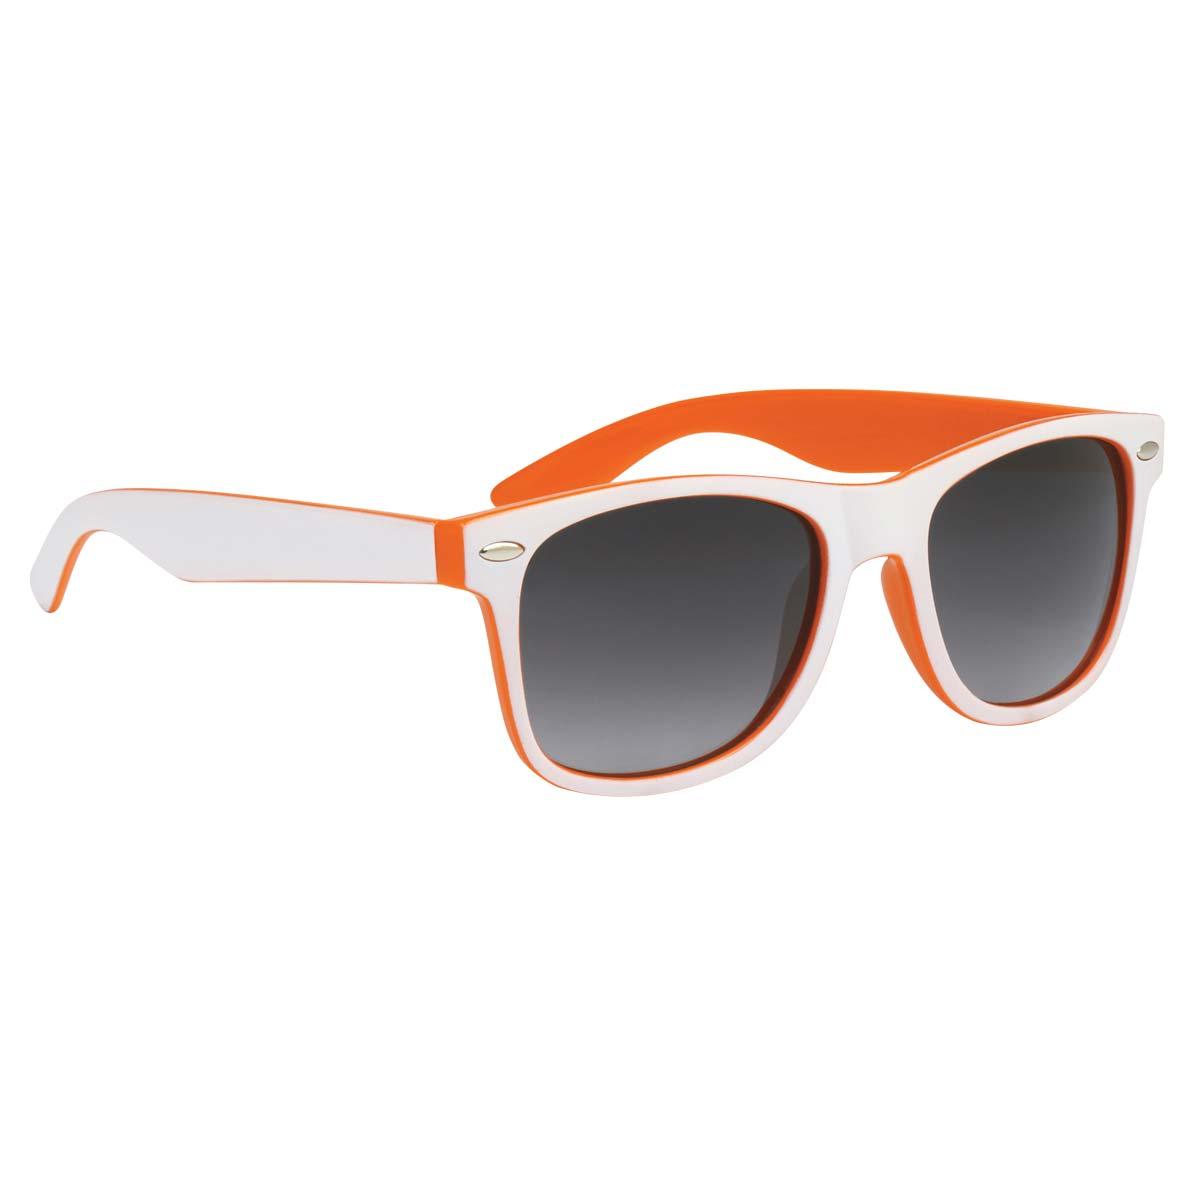 6224 orange white